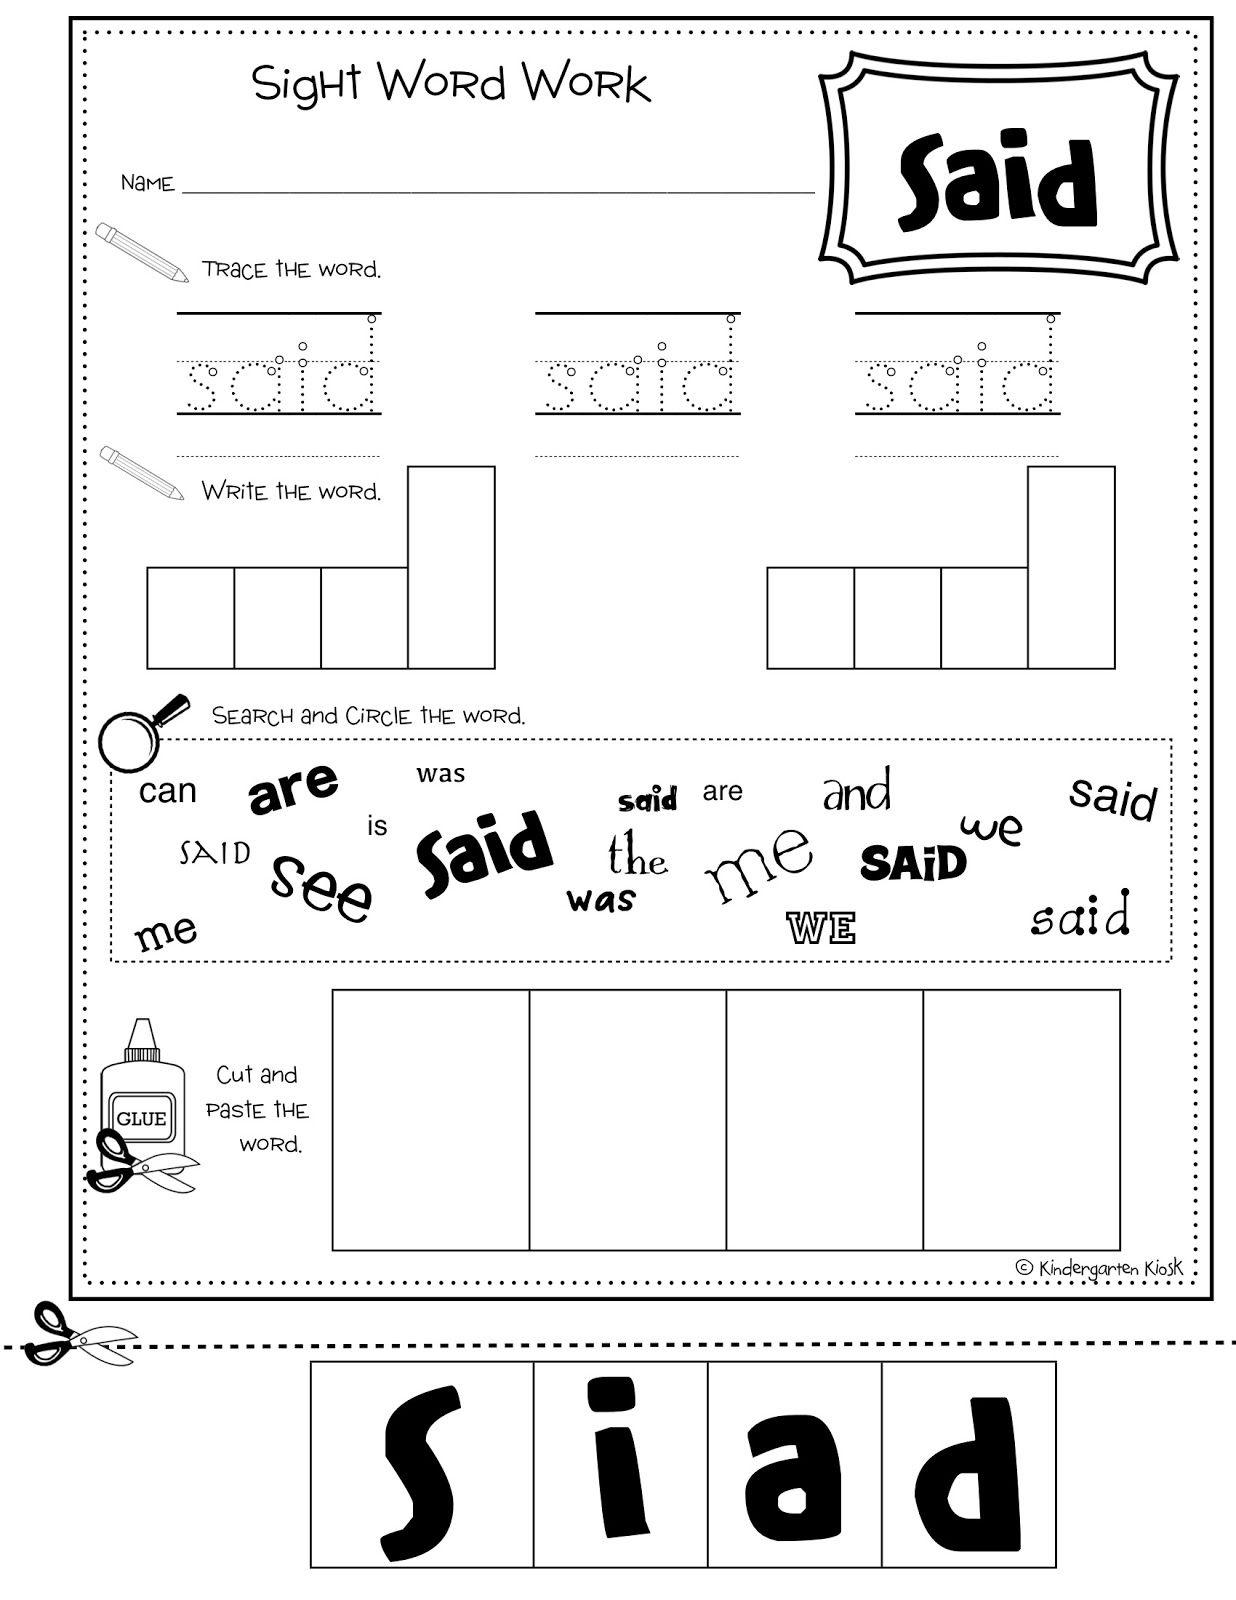 Kindergarten Kiosk Multi Task Sight Word Workbook